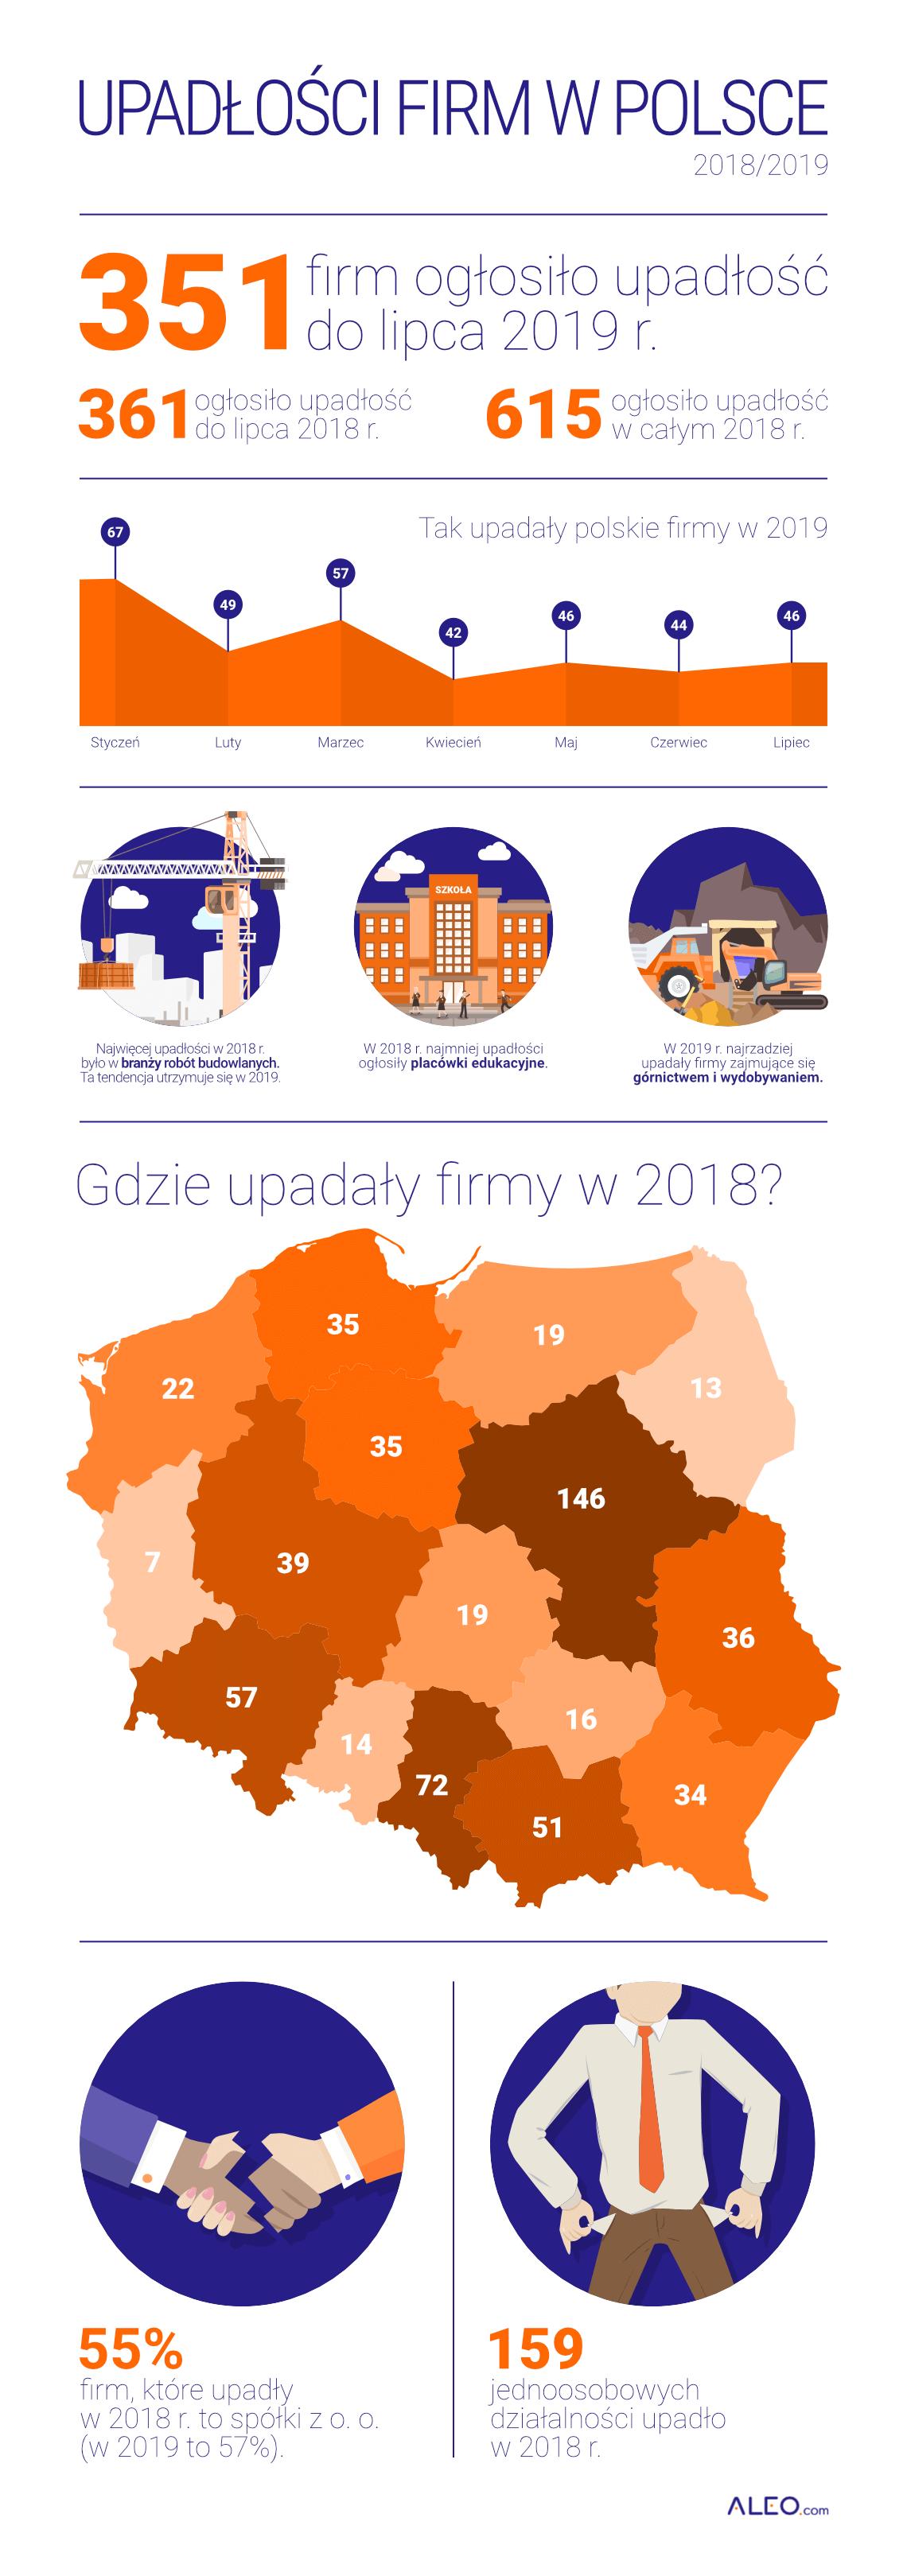 Grafika przedstawiająca dane dotyczące upadłości firm w 2018 i 2019 roku